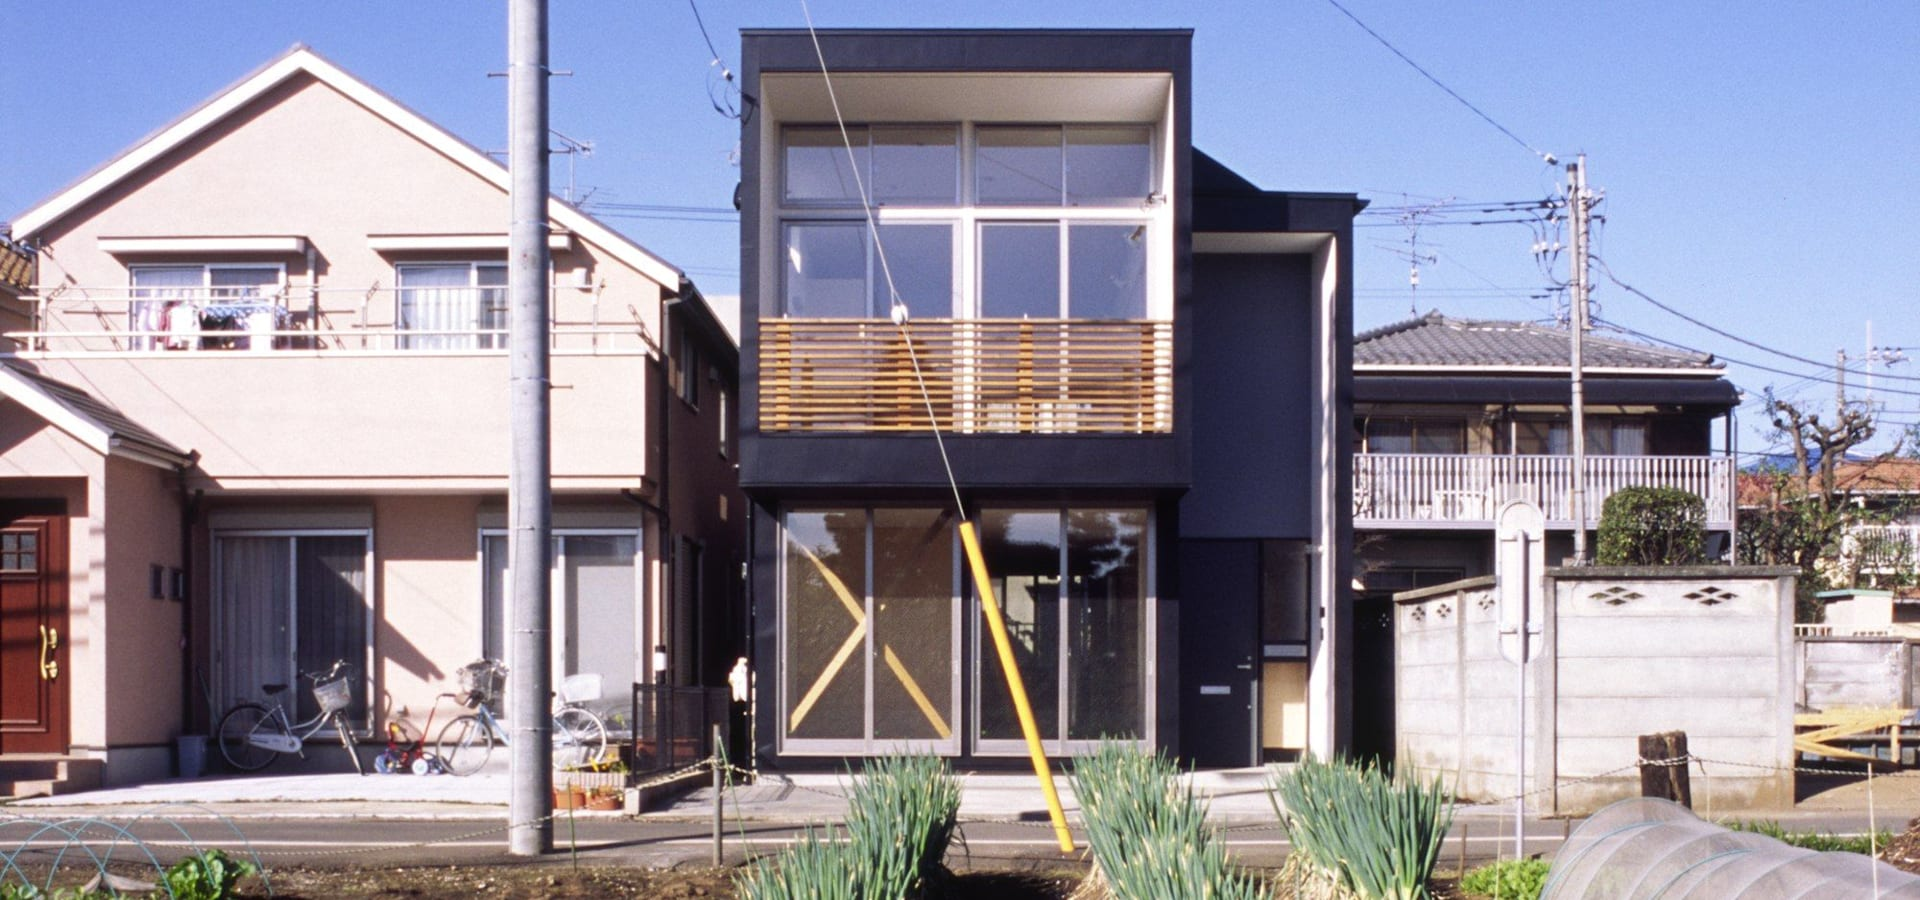 岡村泰之建築設計事務所